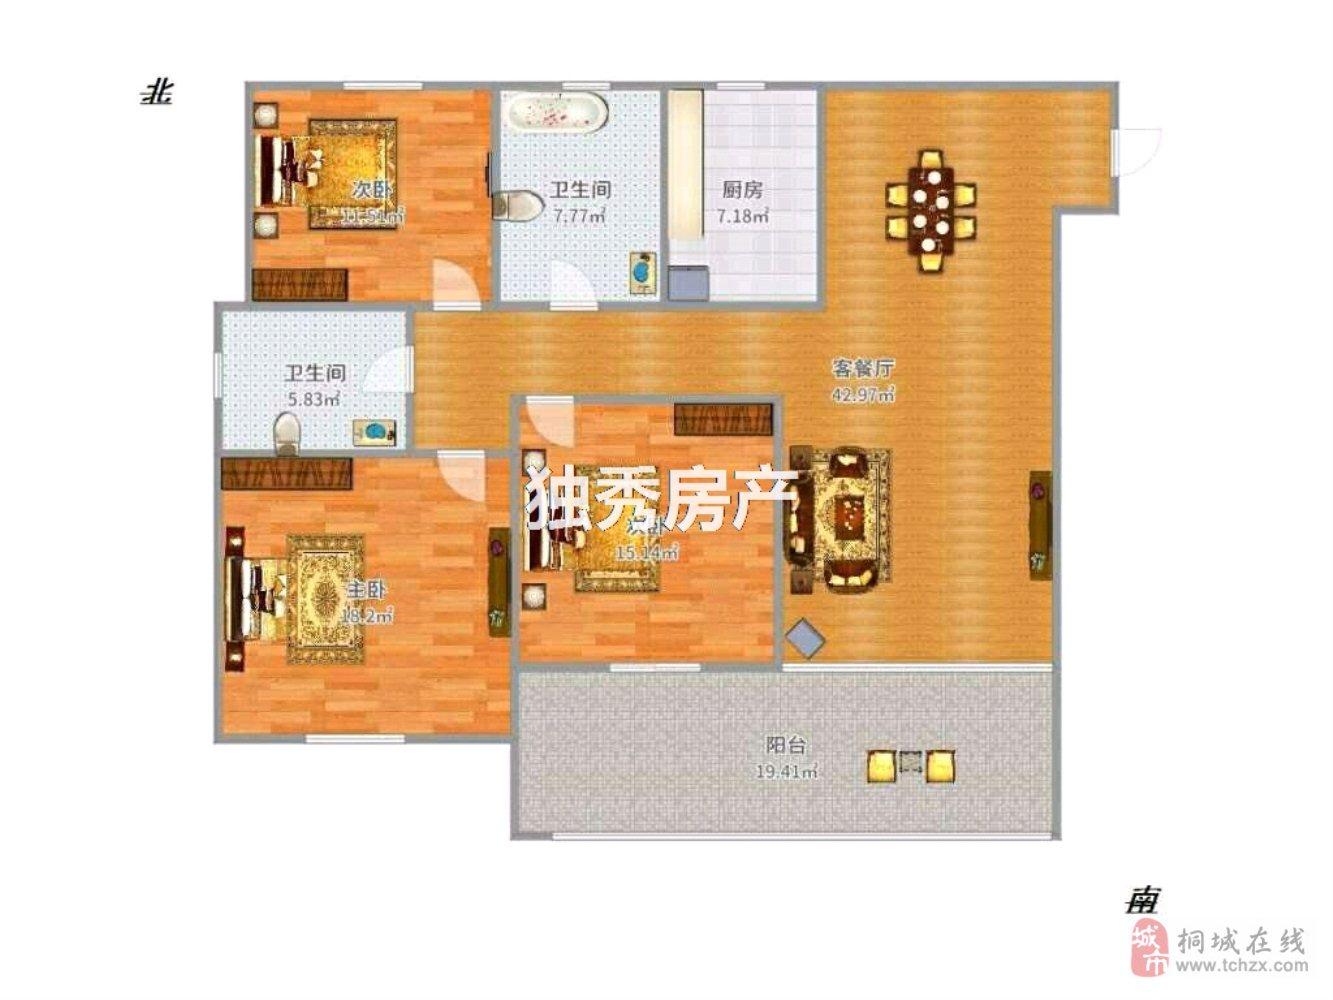 龙腾锦绣城3室的好房采光好户型好出行方便